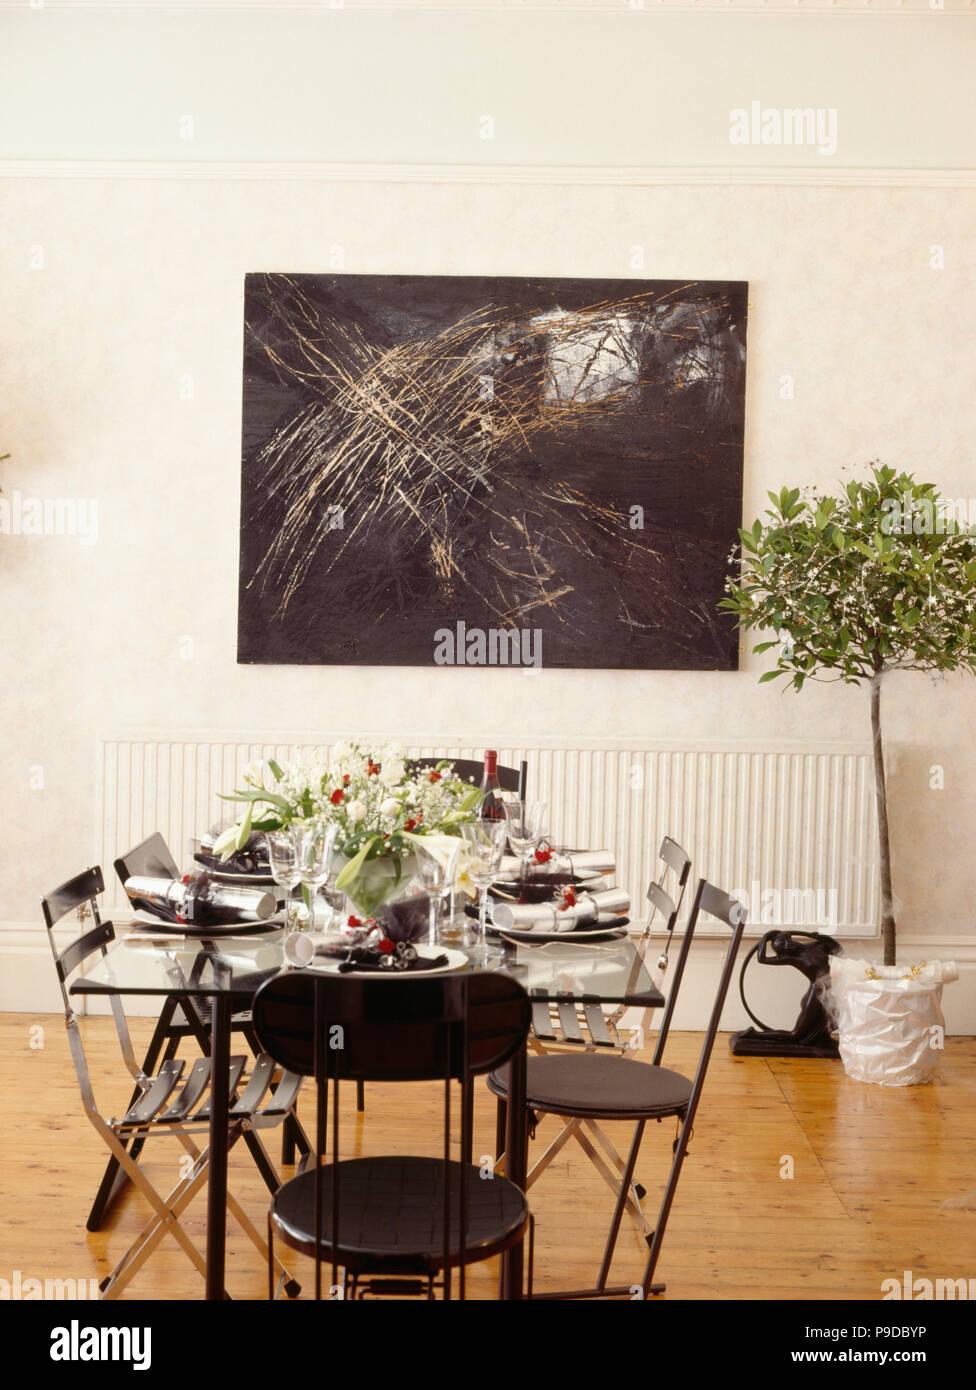 Schwarze Stuhle Und Glas Tisch Fur Das Weihnachtsessen In Der Modernen Weissen Speisesaal Mit Abstrakter Malerei Uber Bay Tree In Weissen Topf Gesetzt Stockfotografie Alamy